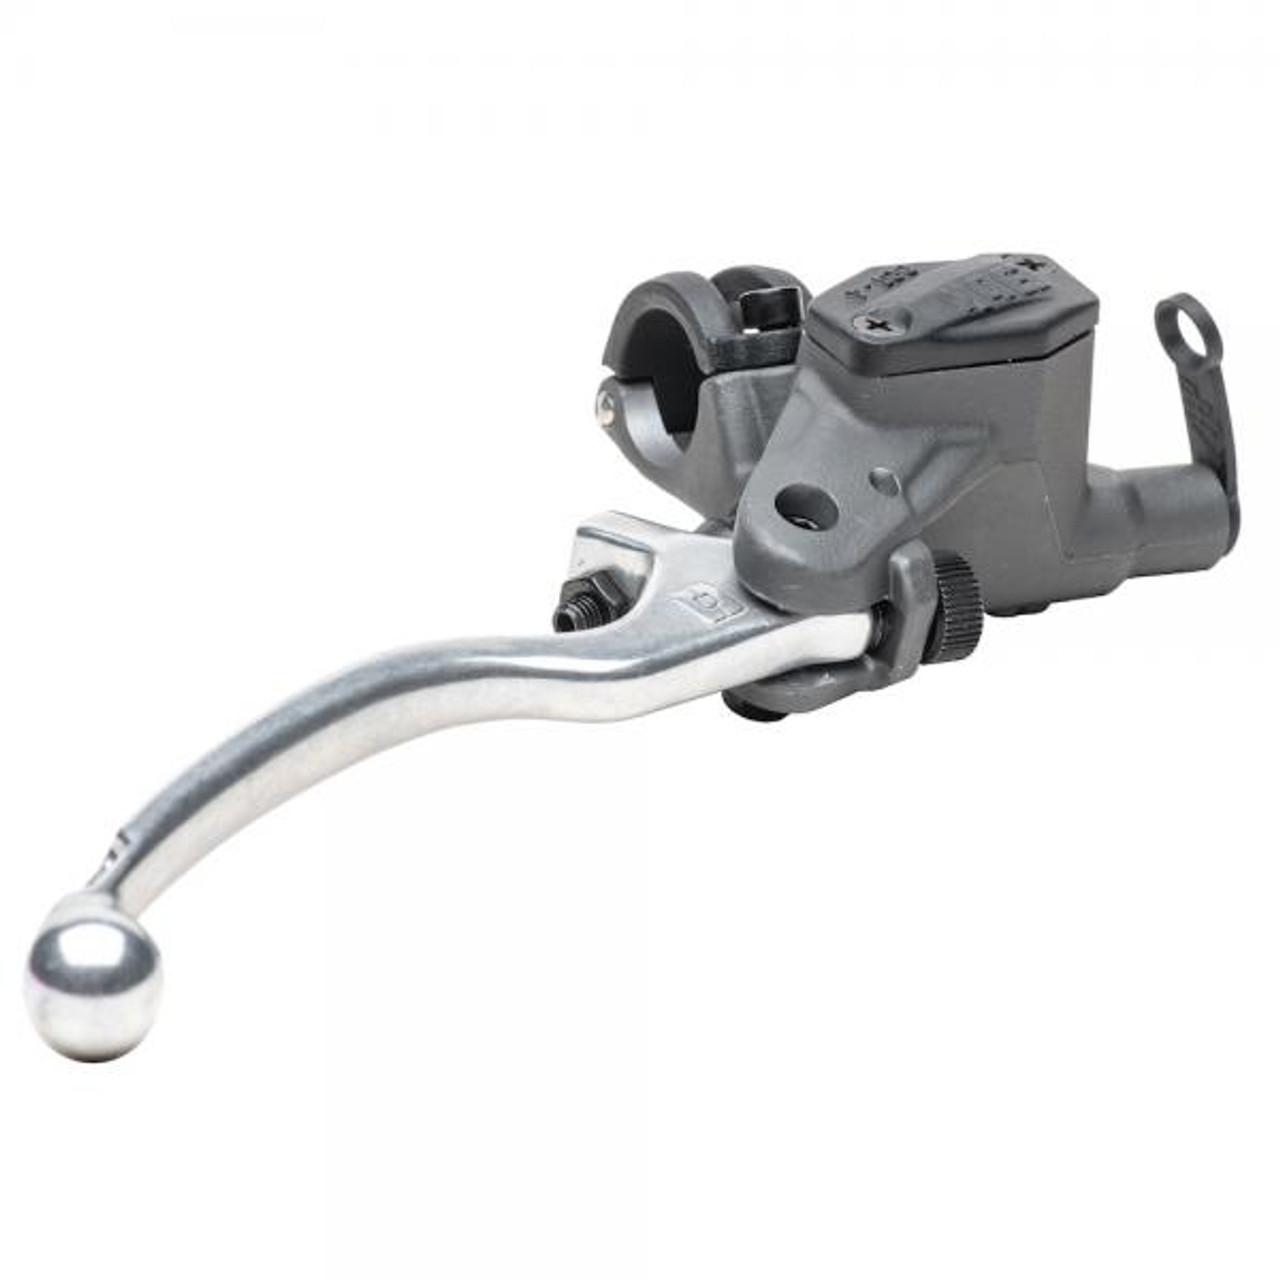 Braktec front brake master cylinder 460115MO0